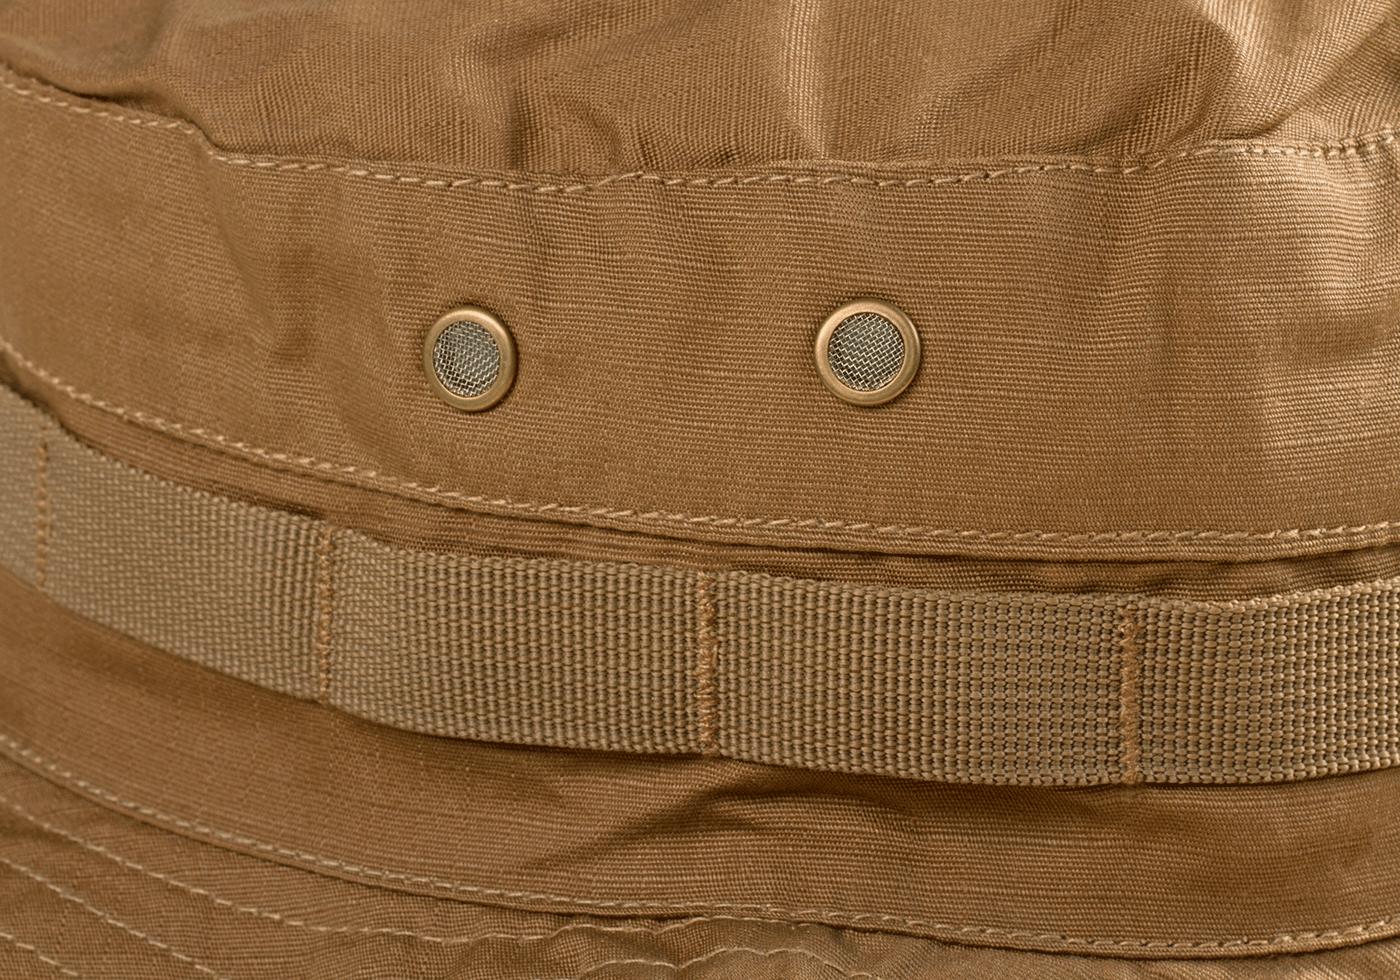 Boonie Hat Coyote 59   L - Boonies - Kopfbedeckungen - Bekleidung -  invadergear.ch Onlineshop 5577b28e999d